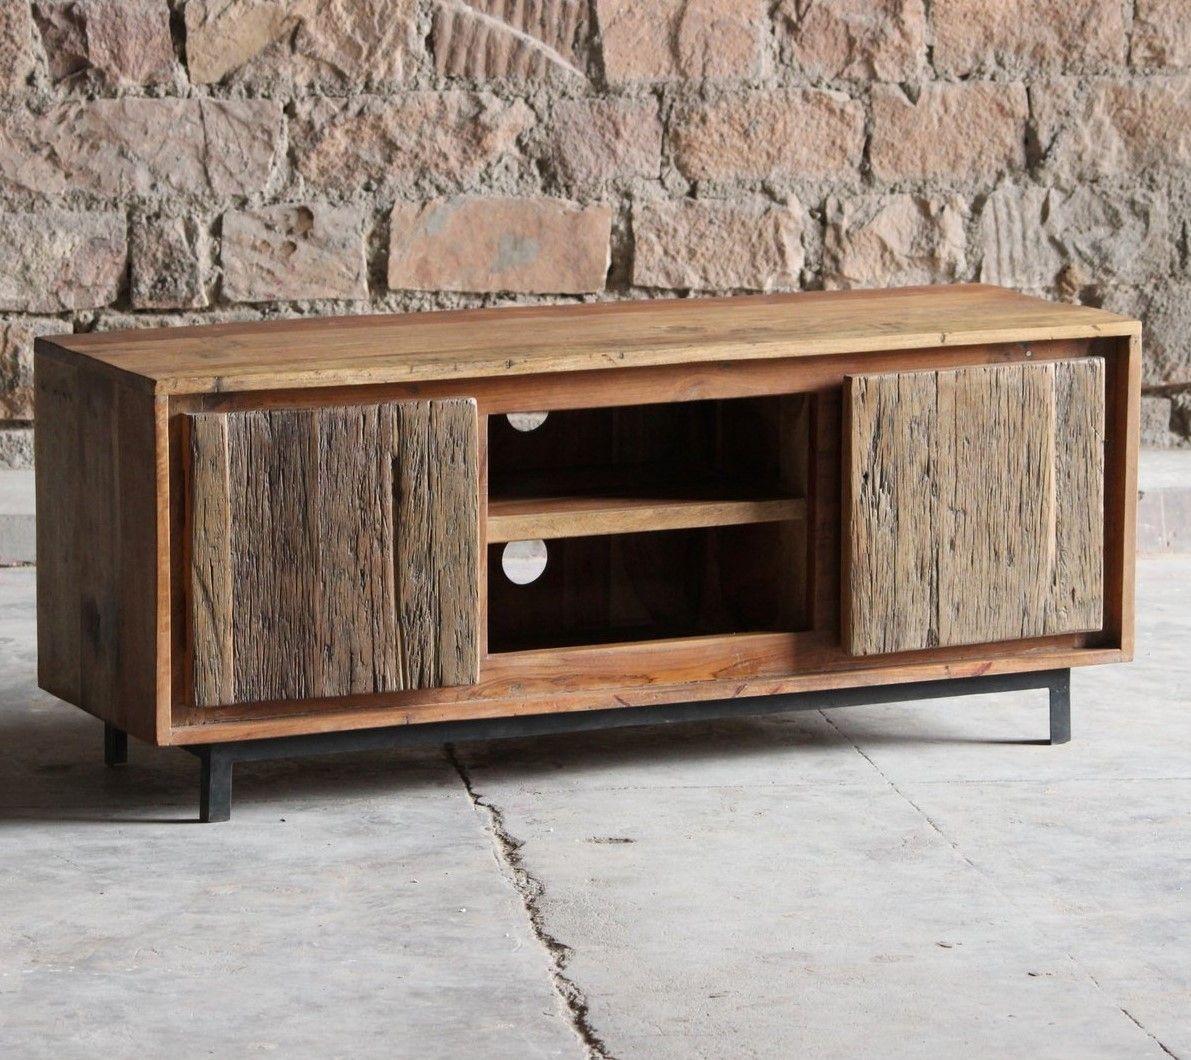 meuble tv salon industriel bois recycle